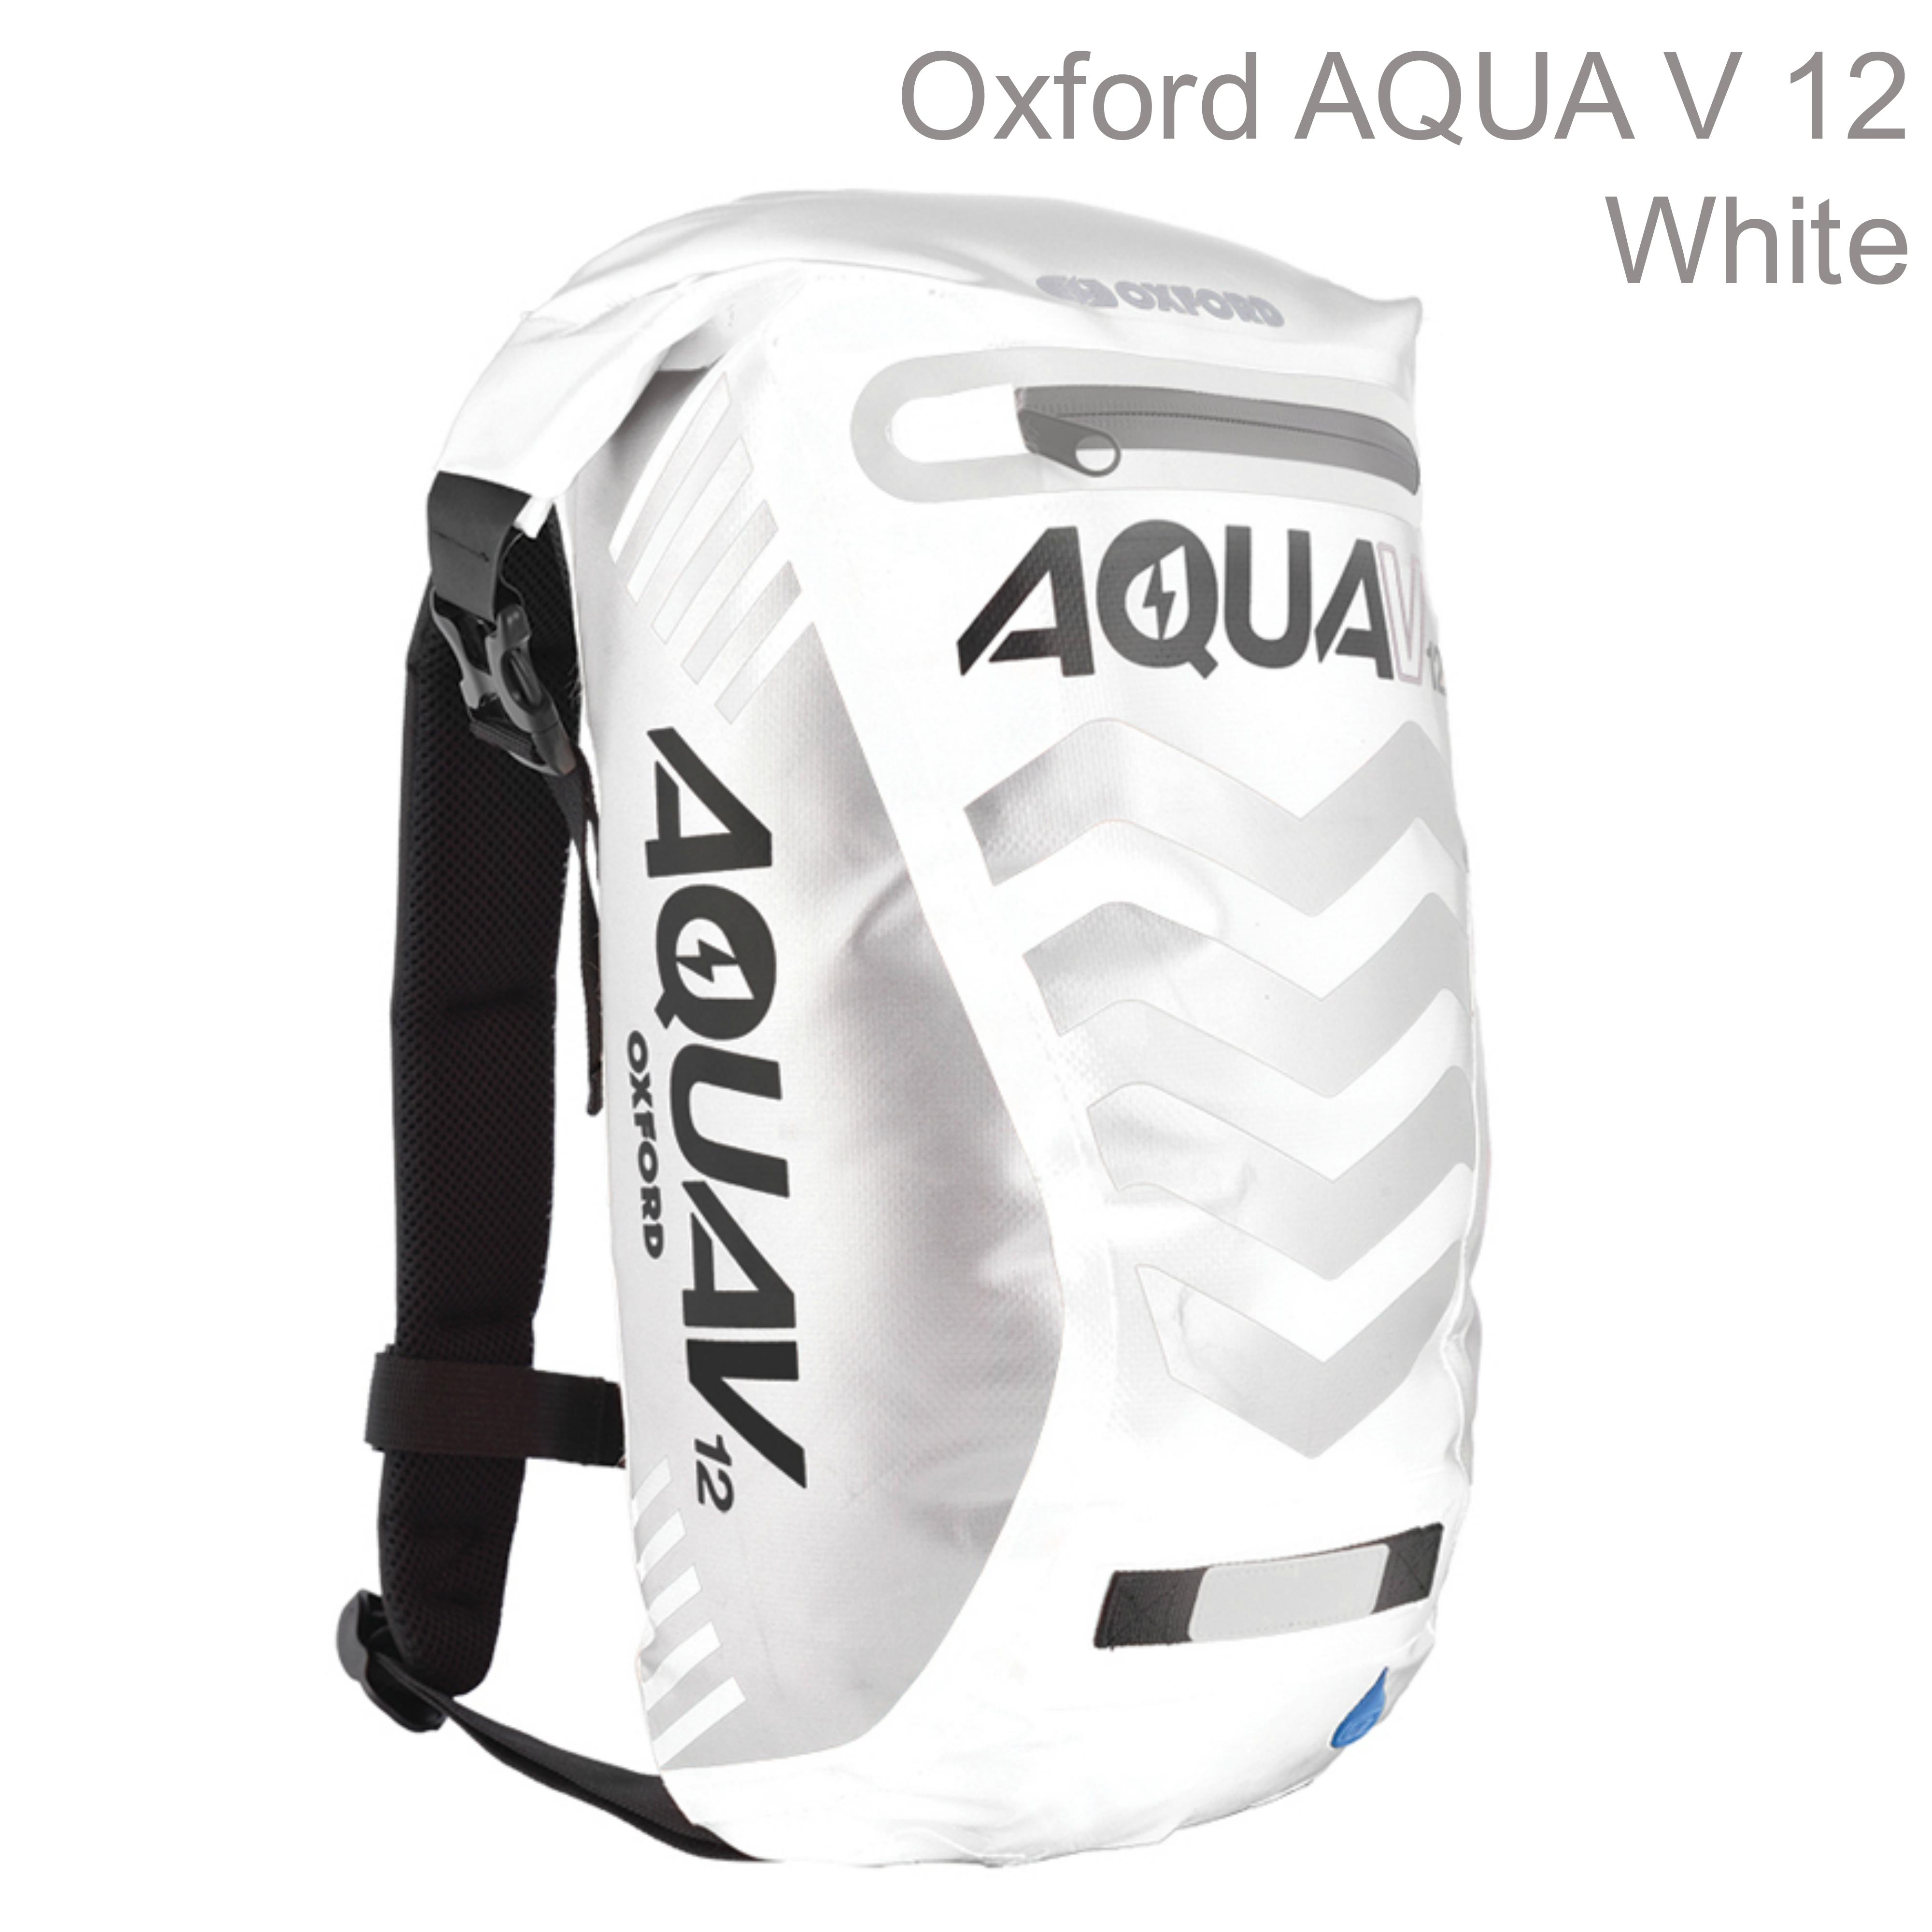 Oxford OL952 Aqua V12 Rucksack Motorbike/Cycle Backpack|Waterproof|12 Litre|White